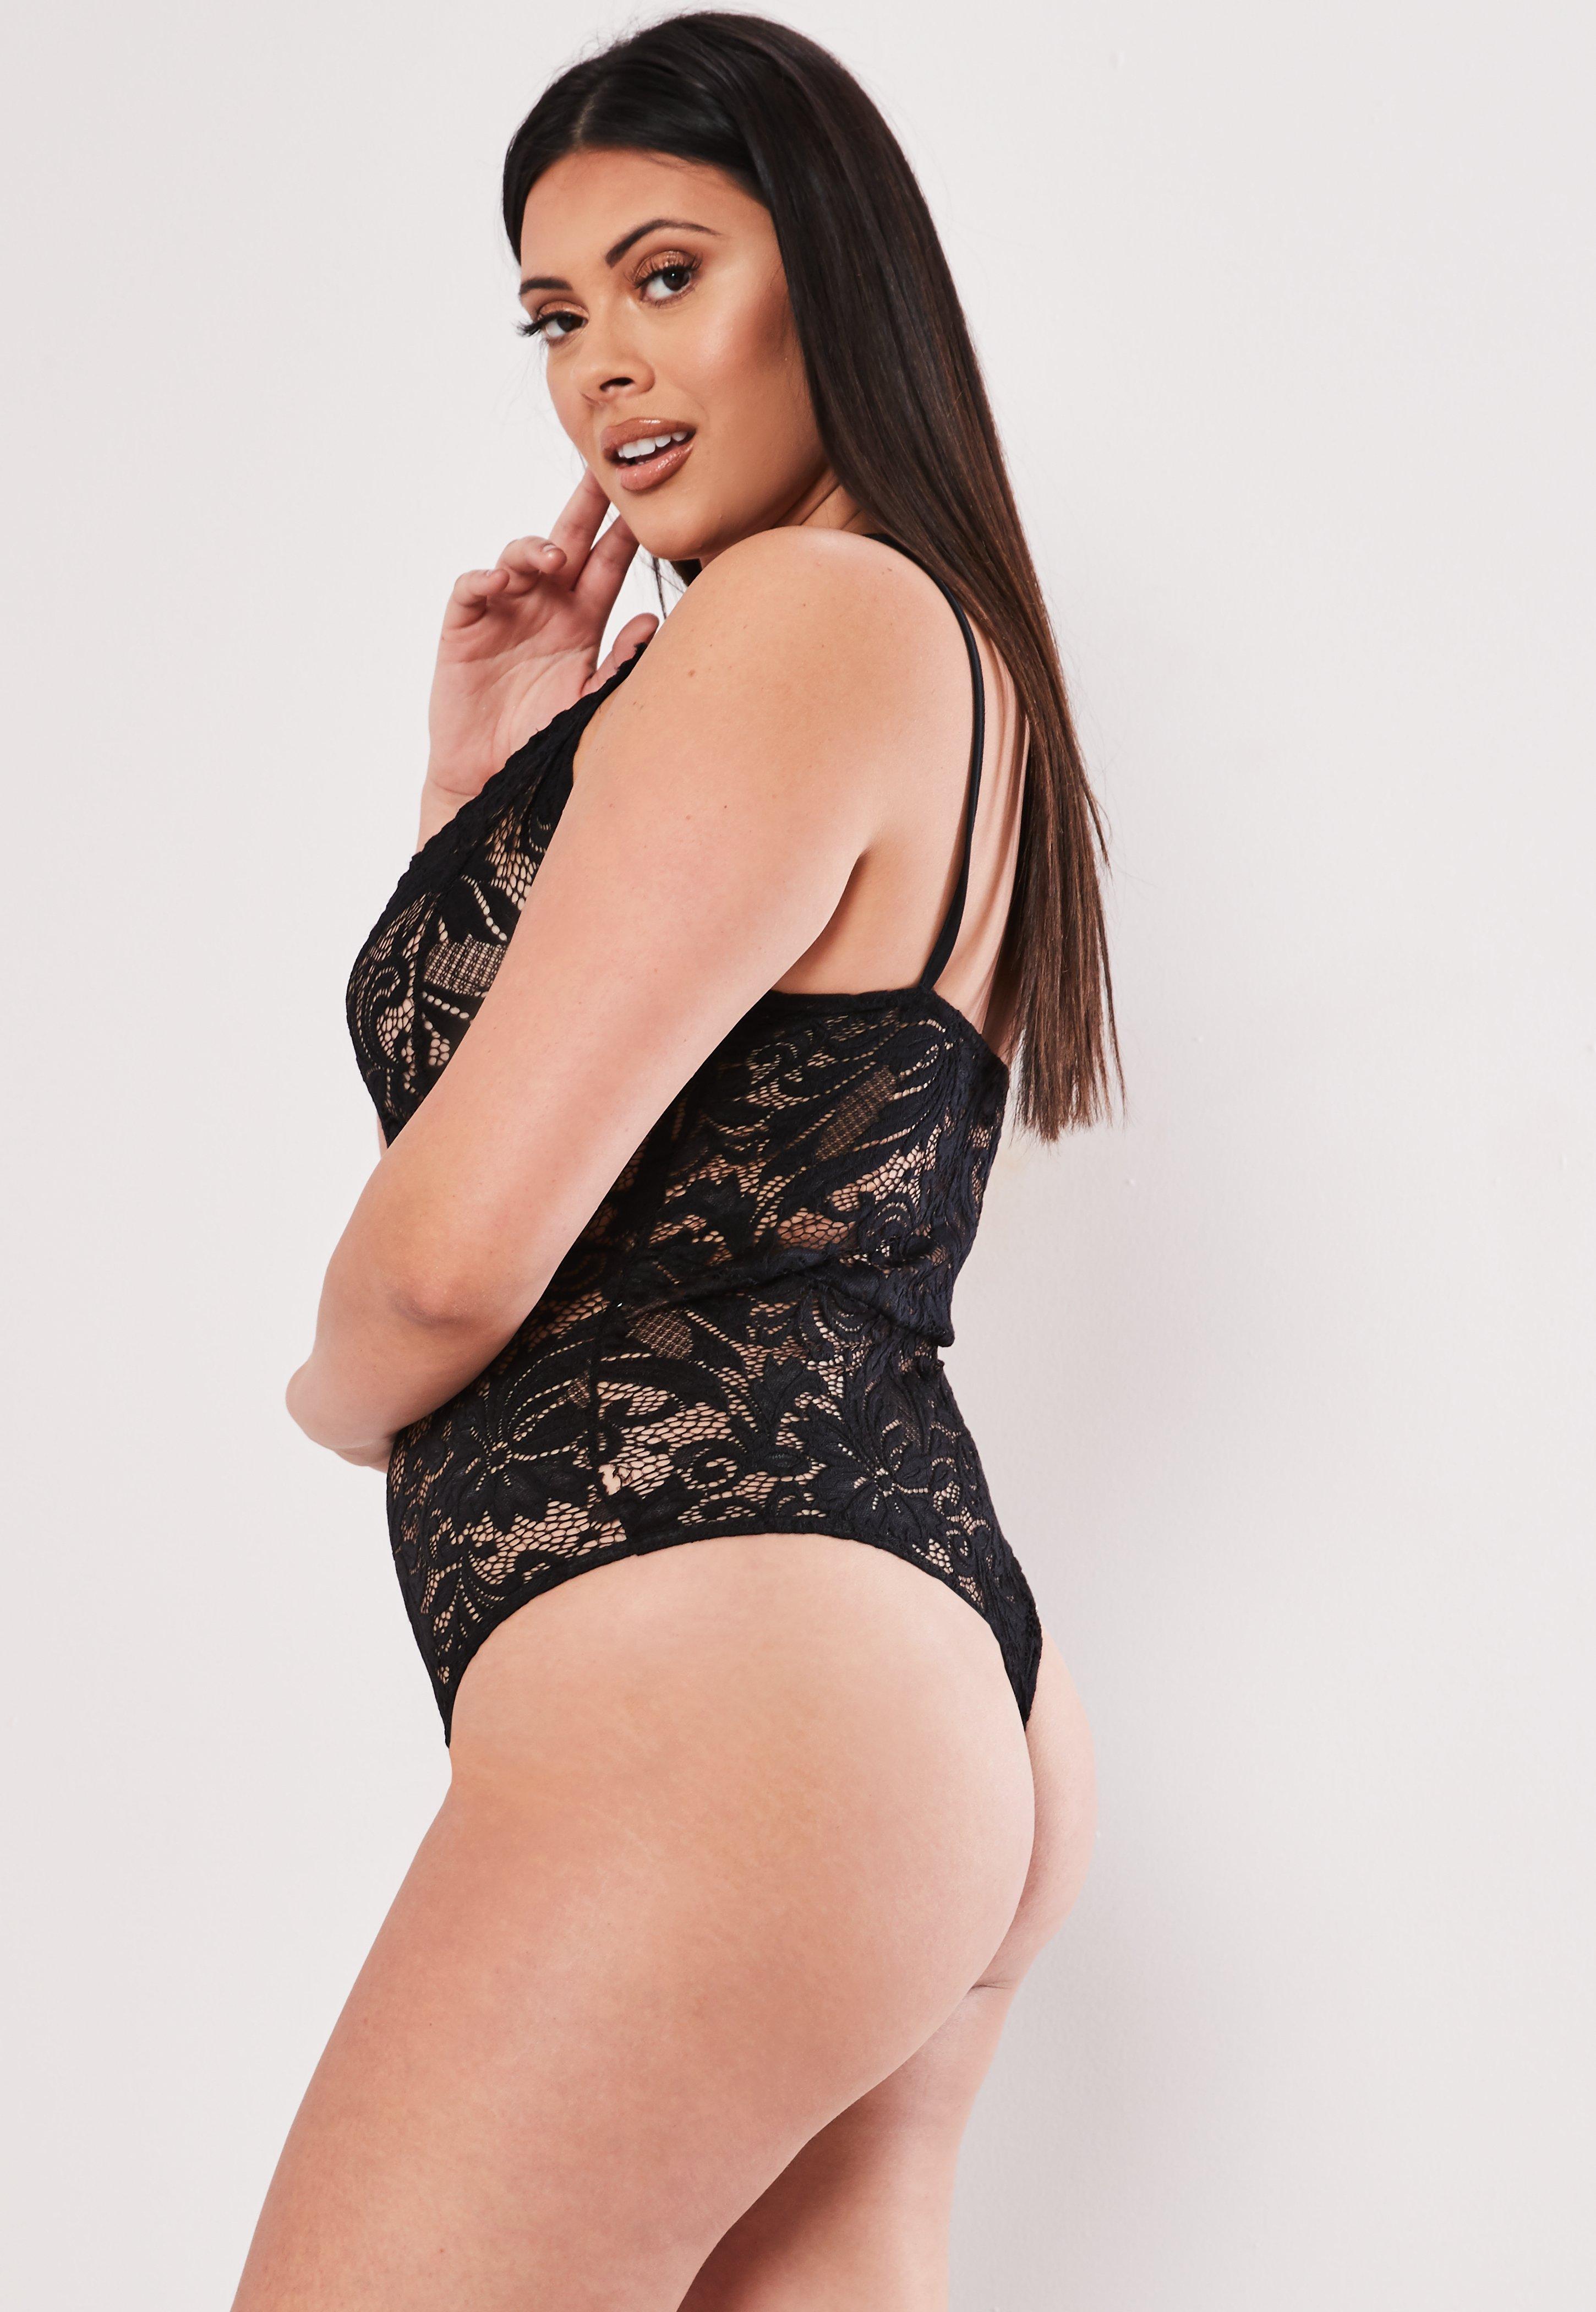 d9323317a30a6 Plus size black lace bodysuit missguided australia jpg 600x869 Plus lace  body